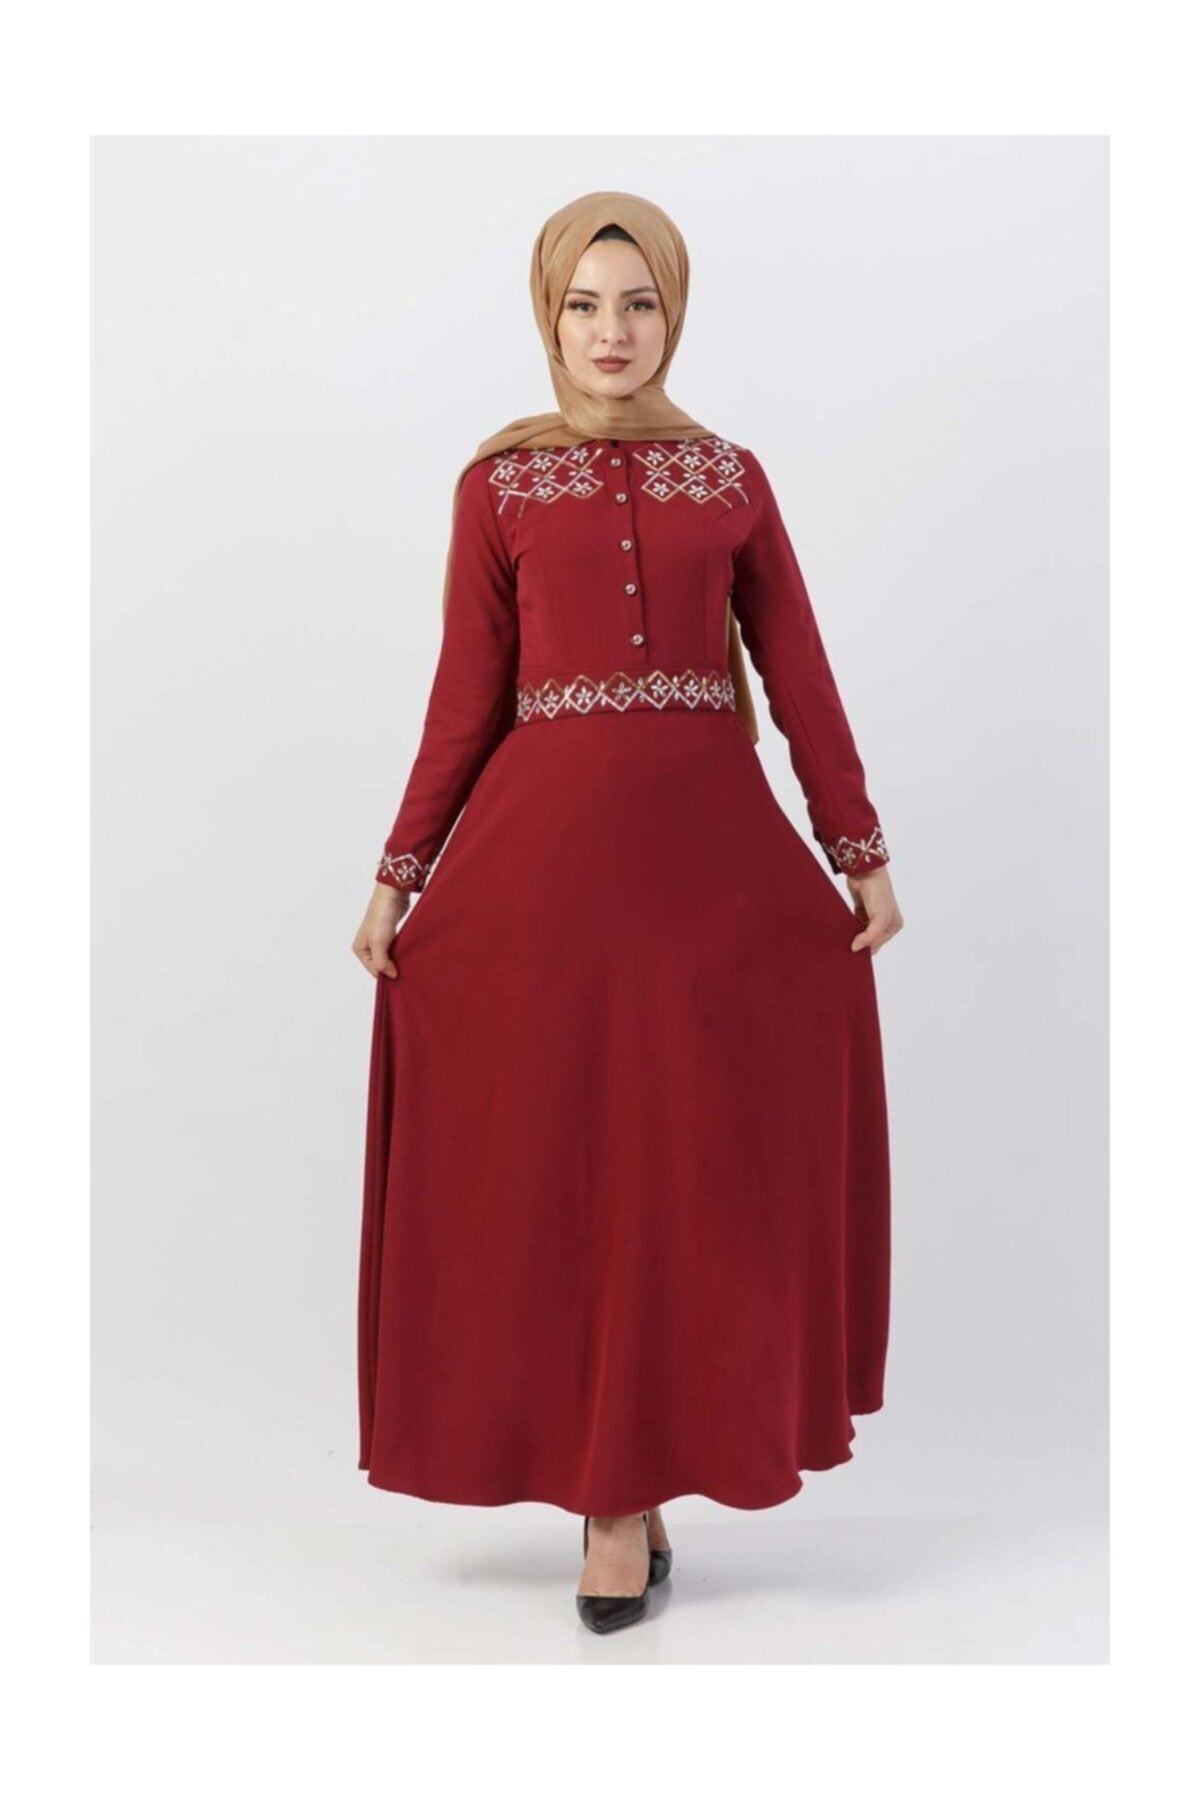 Tesettür Dünyası Pul İşlemeli Elbise Tsd9611 Bordo 2